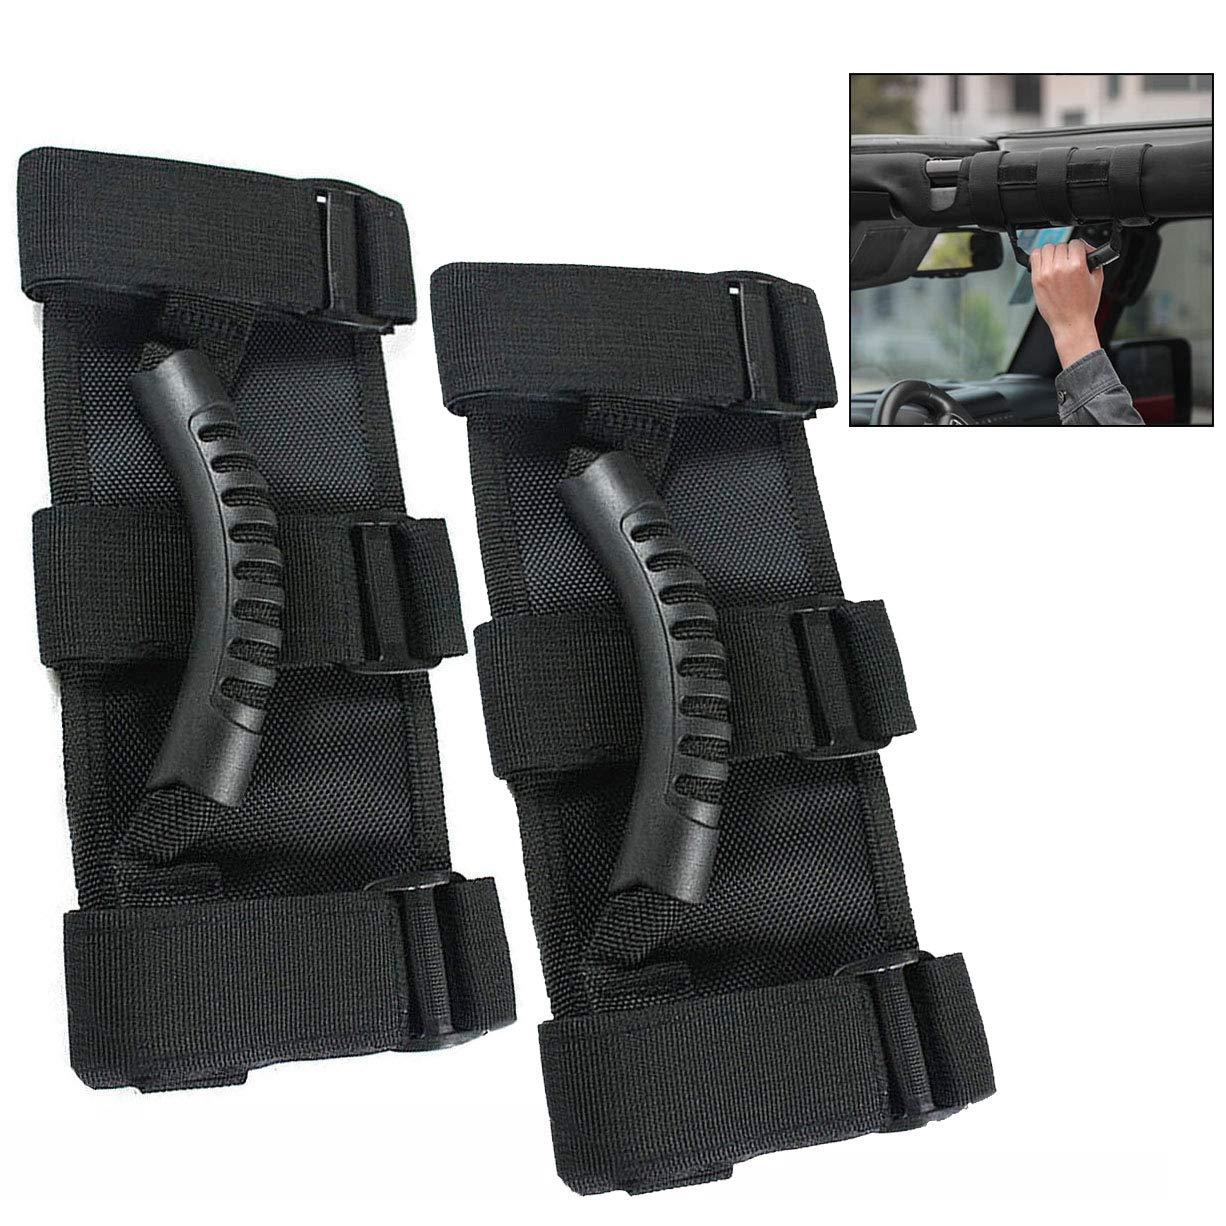 pour Wrangler JK TJ 4x4WD Off Road Accessoires 2 3 Bar Xrten 1 Paire Poign/ées avec Sangles Durables pour Auto